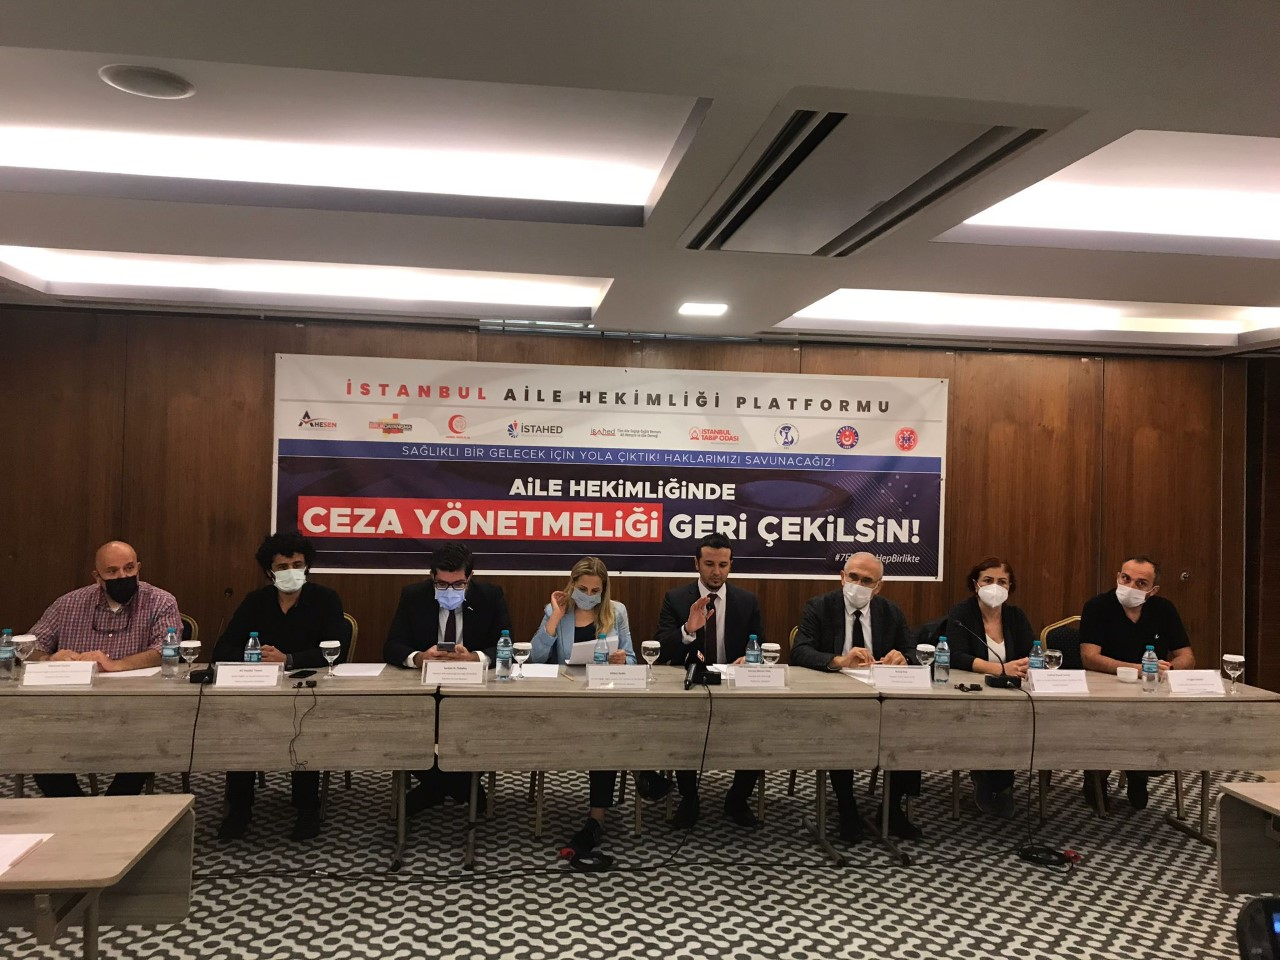 İstanbul Aile Hekimliği Platformu Kuruluşunu ve Eylem Takvimini Açıkladı